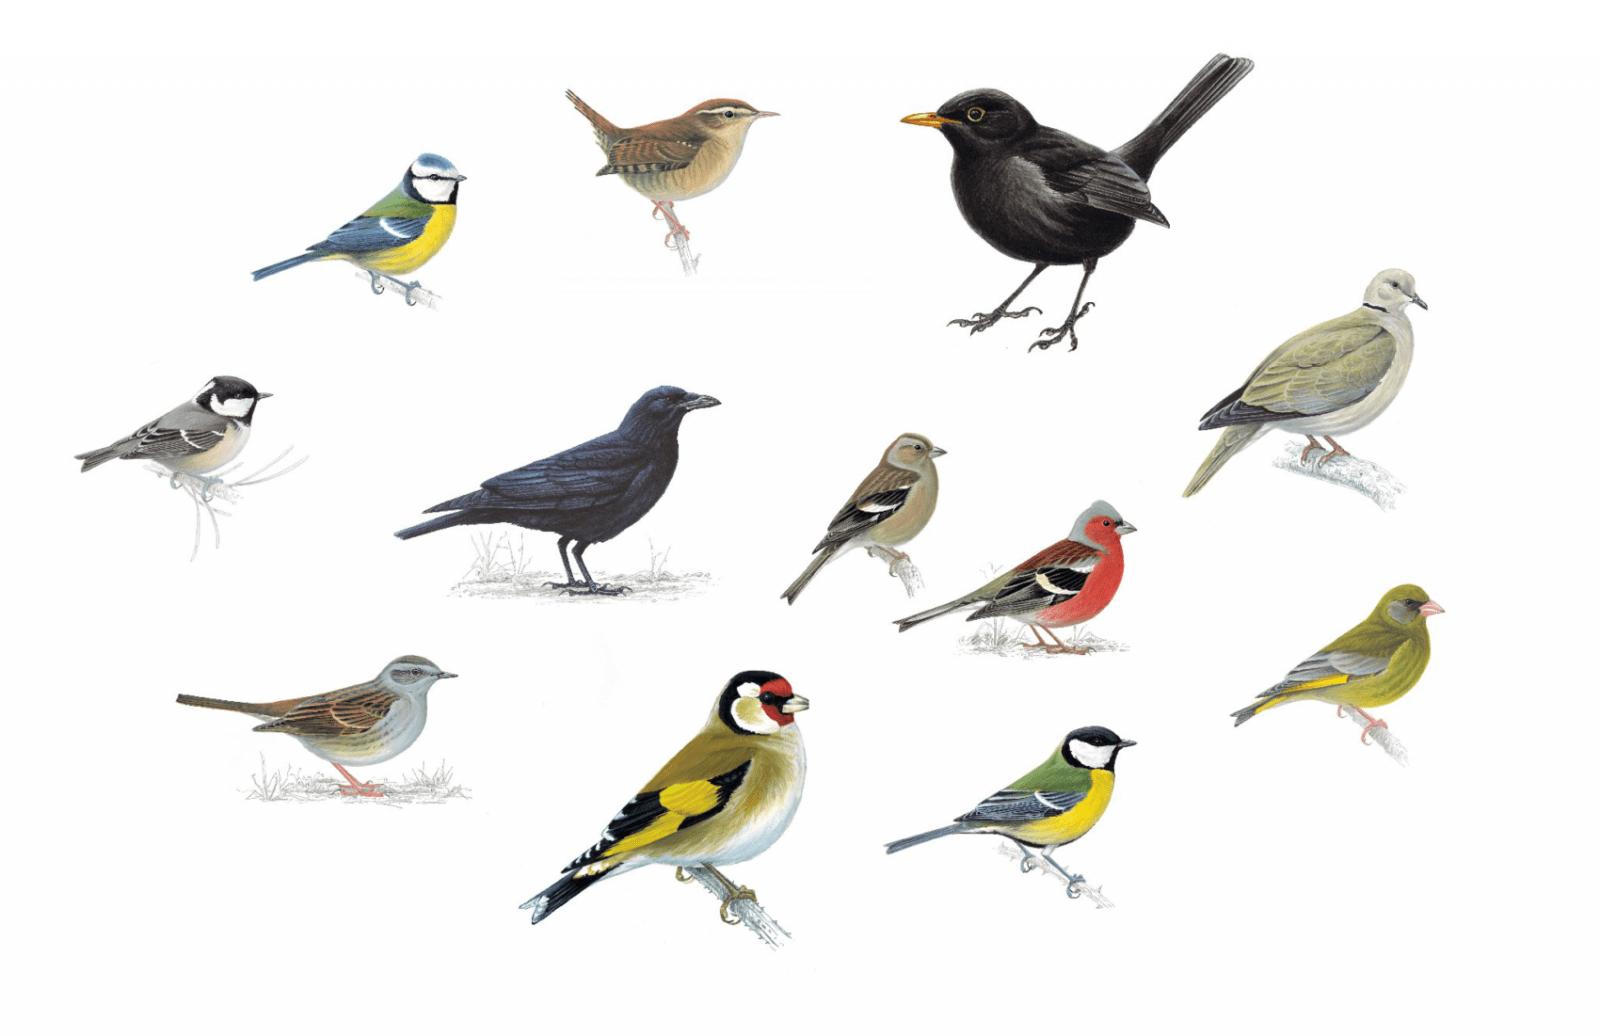 Common Garden Birds in the UK